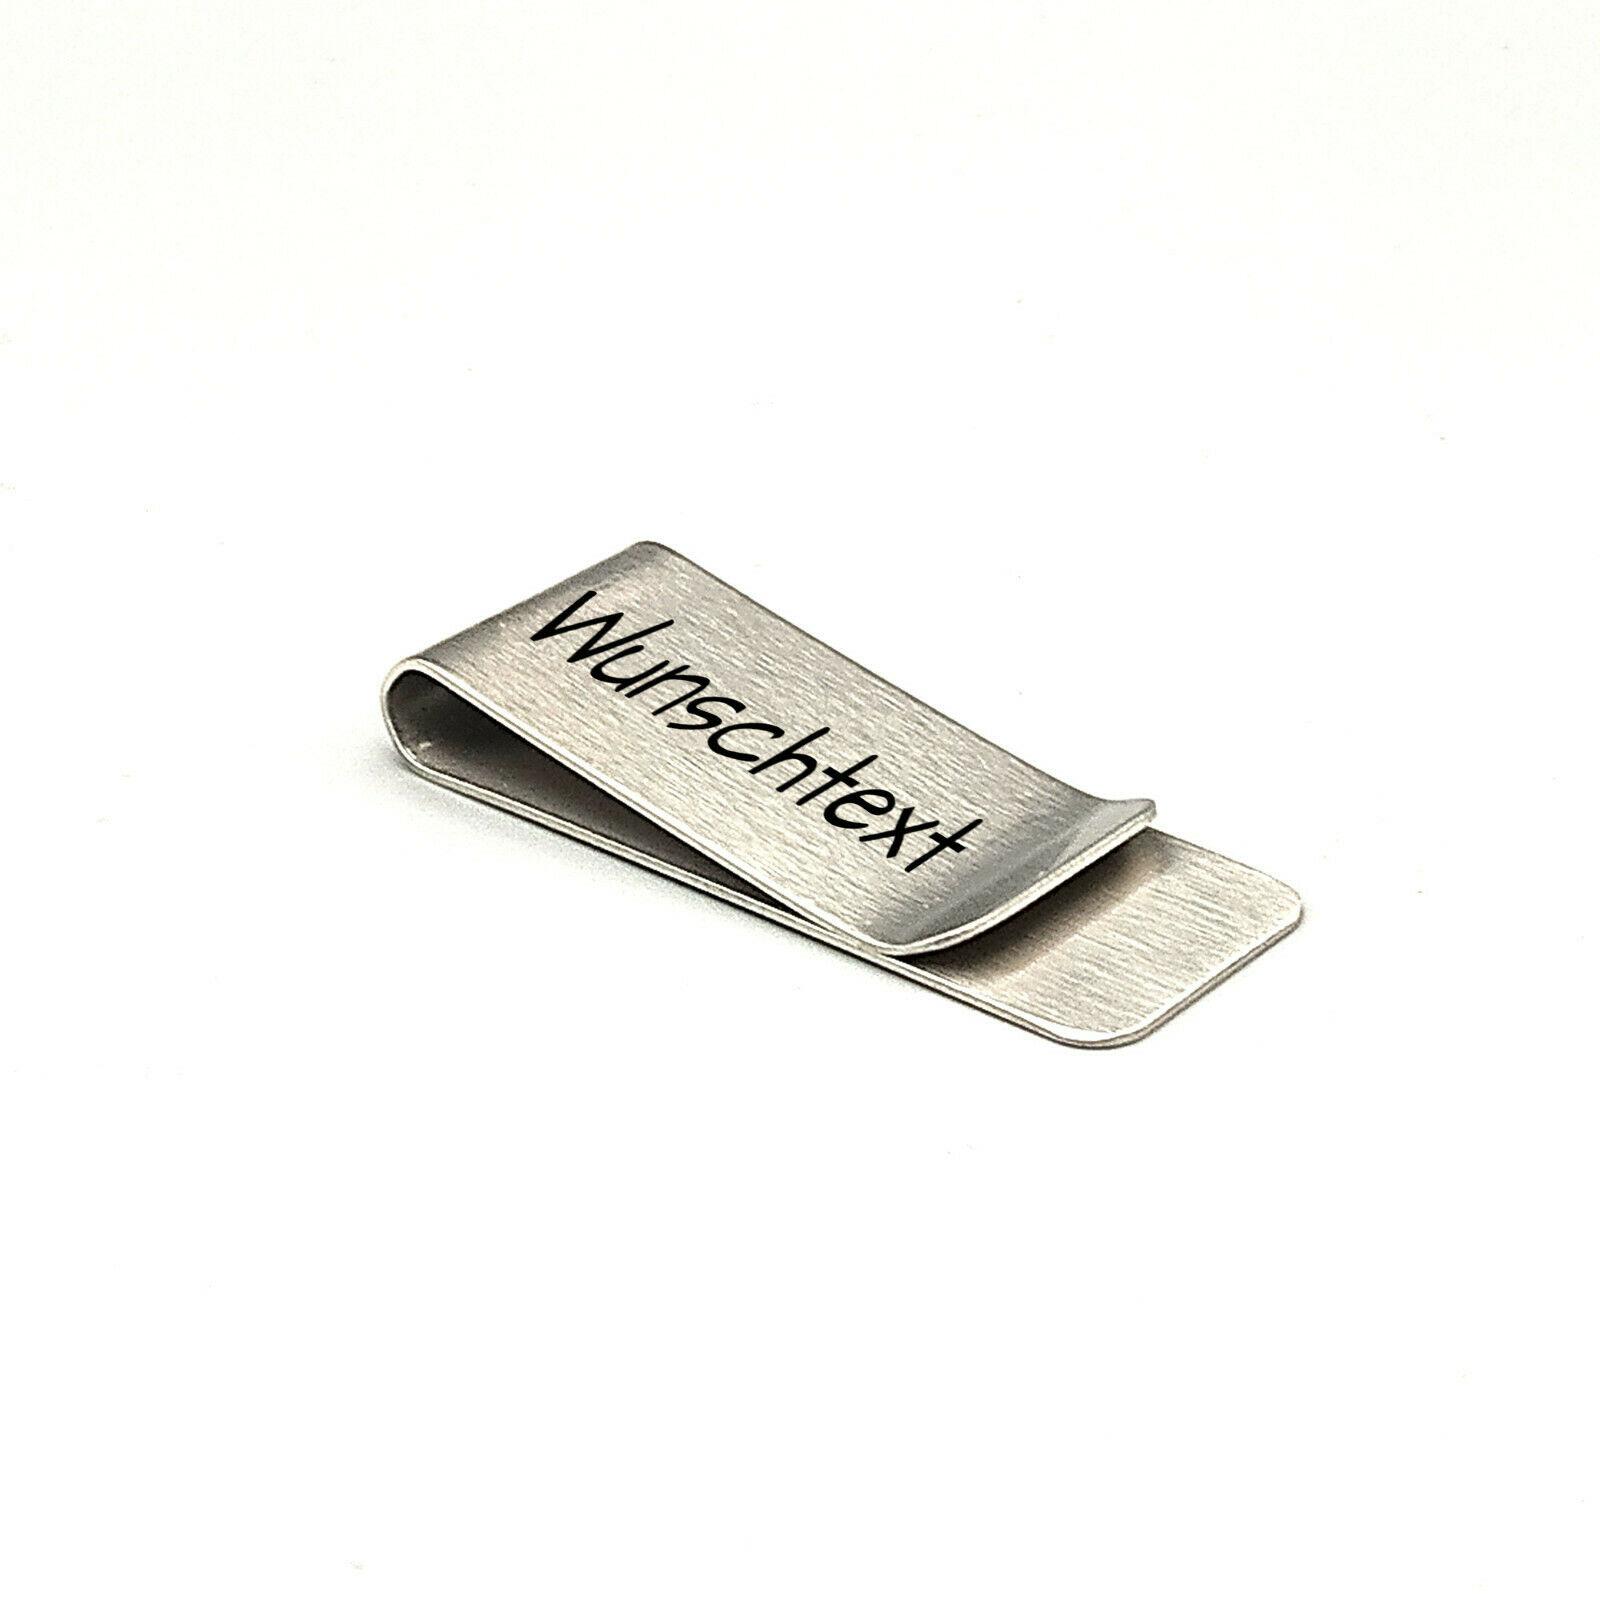 Edelstahl-Geldklammer mit Wunschgravur - Geldclip mit persönlichem Motiv